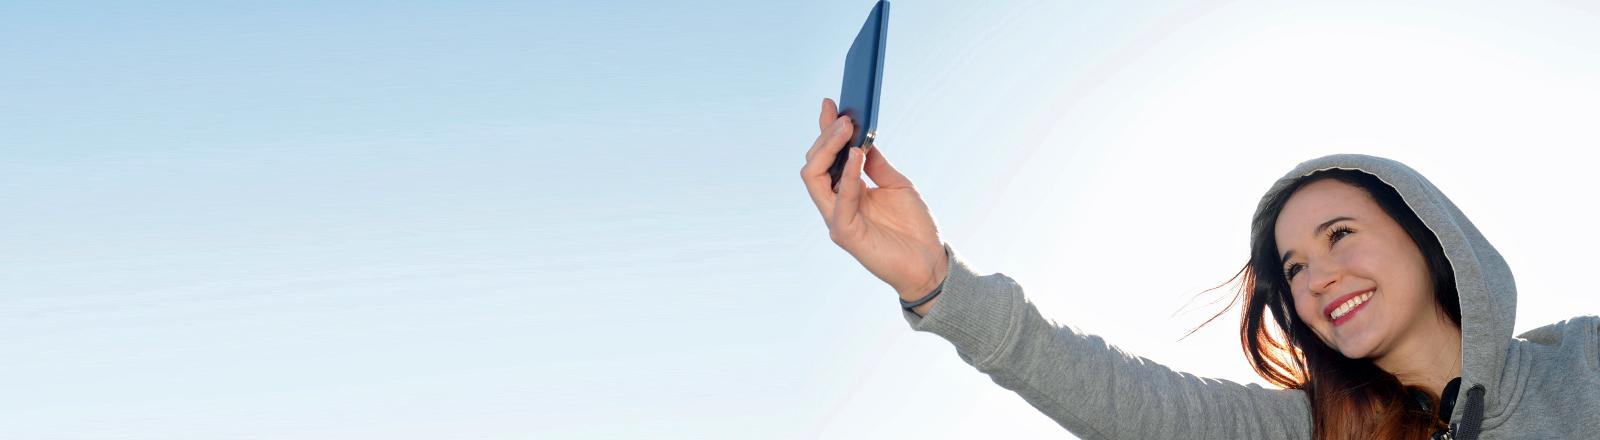 Eine Frau reckt ihr Handy in die Luft.